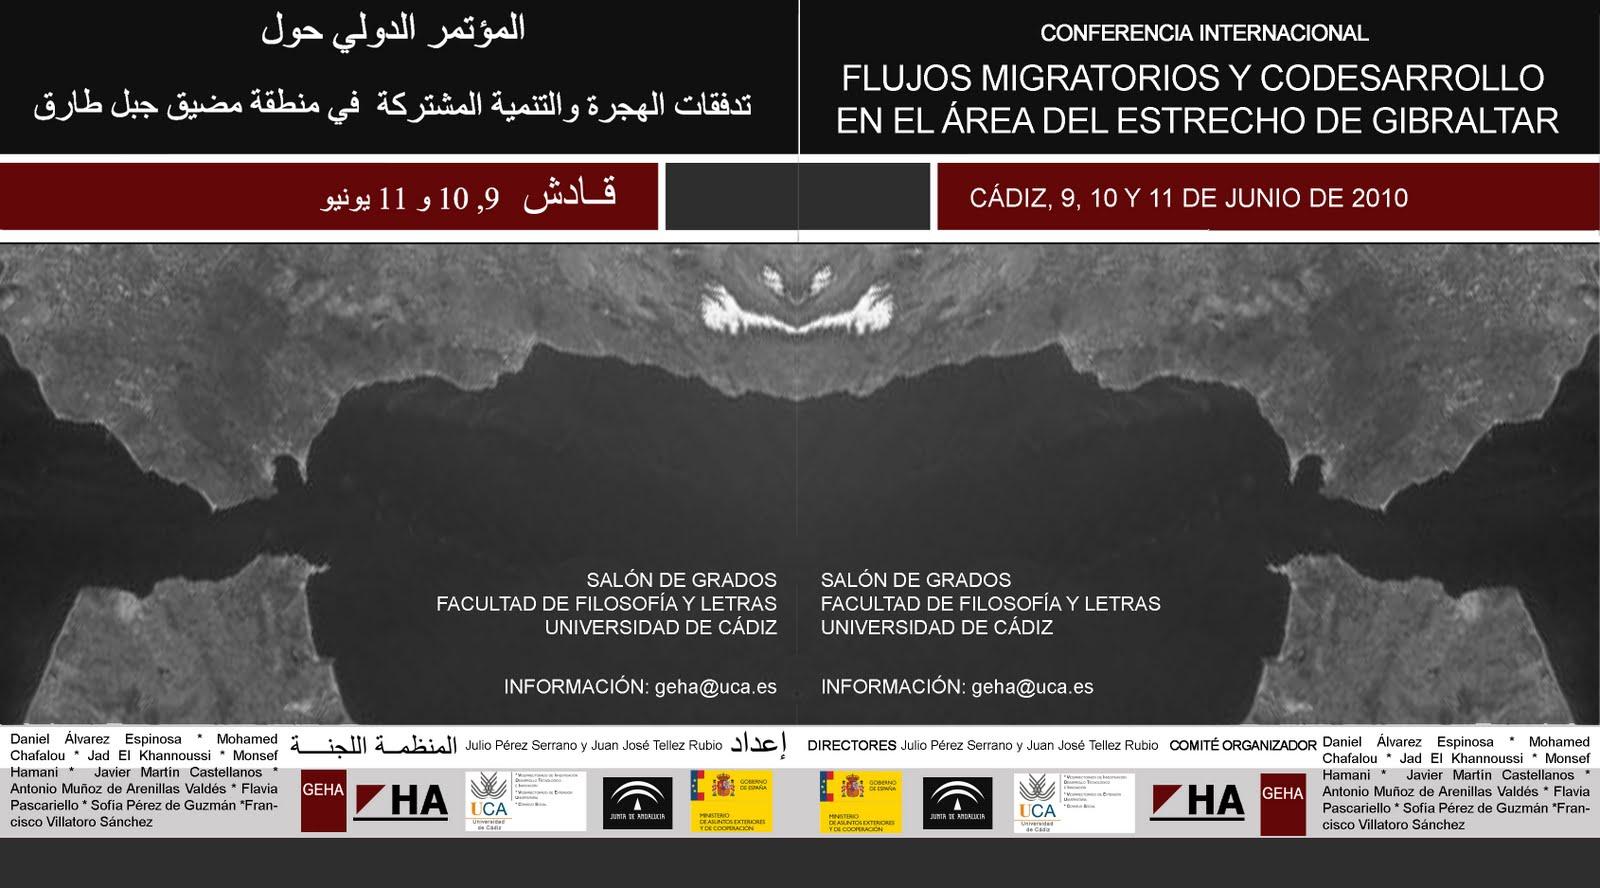 Conferencia Internacional sobre Flujos Migratorios y